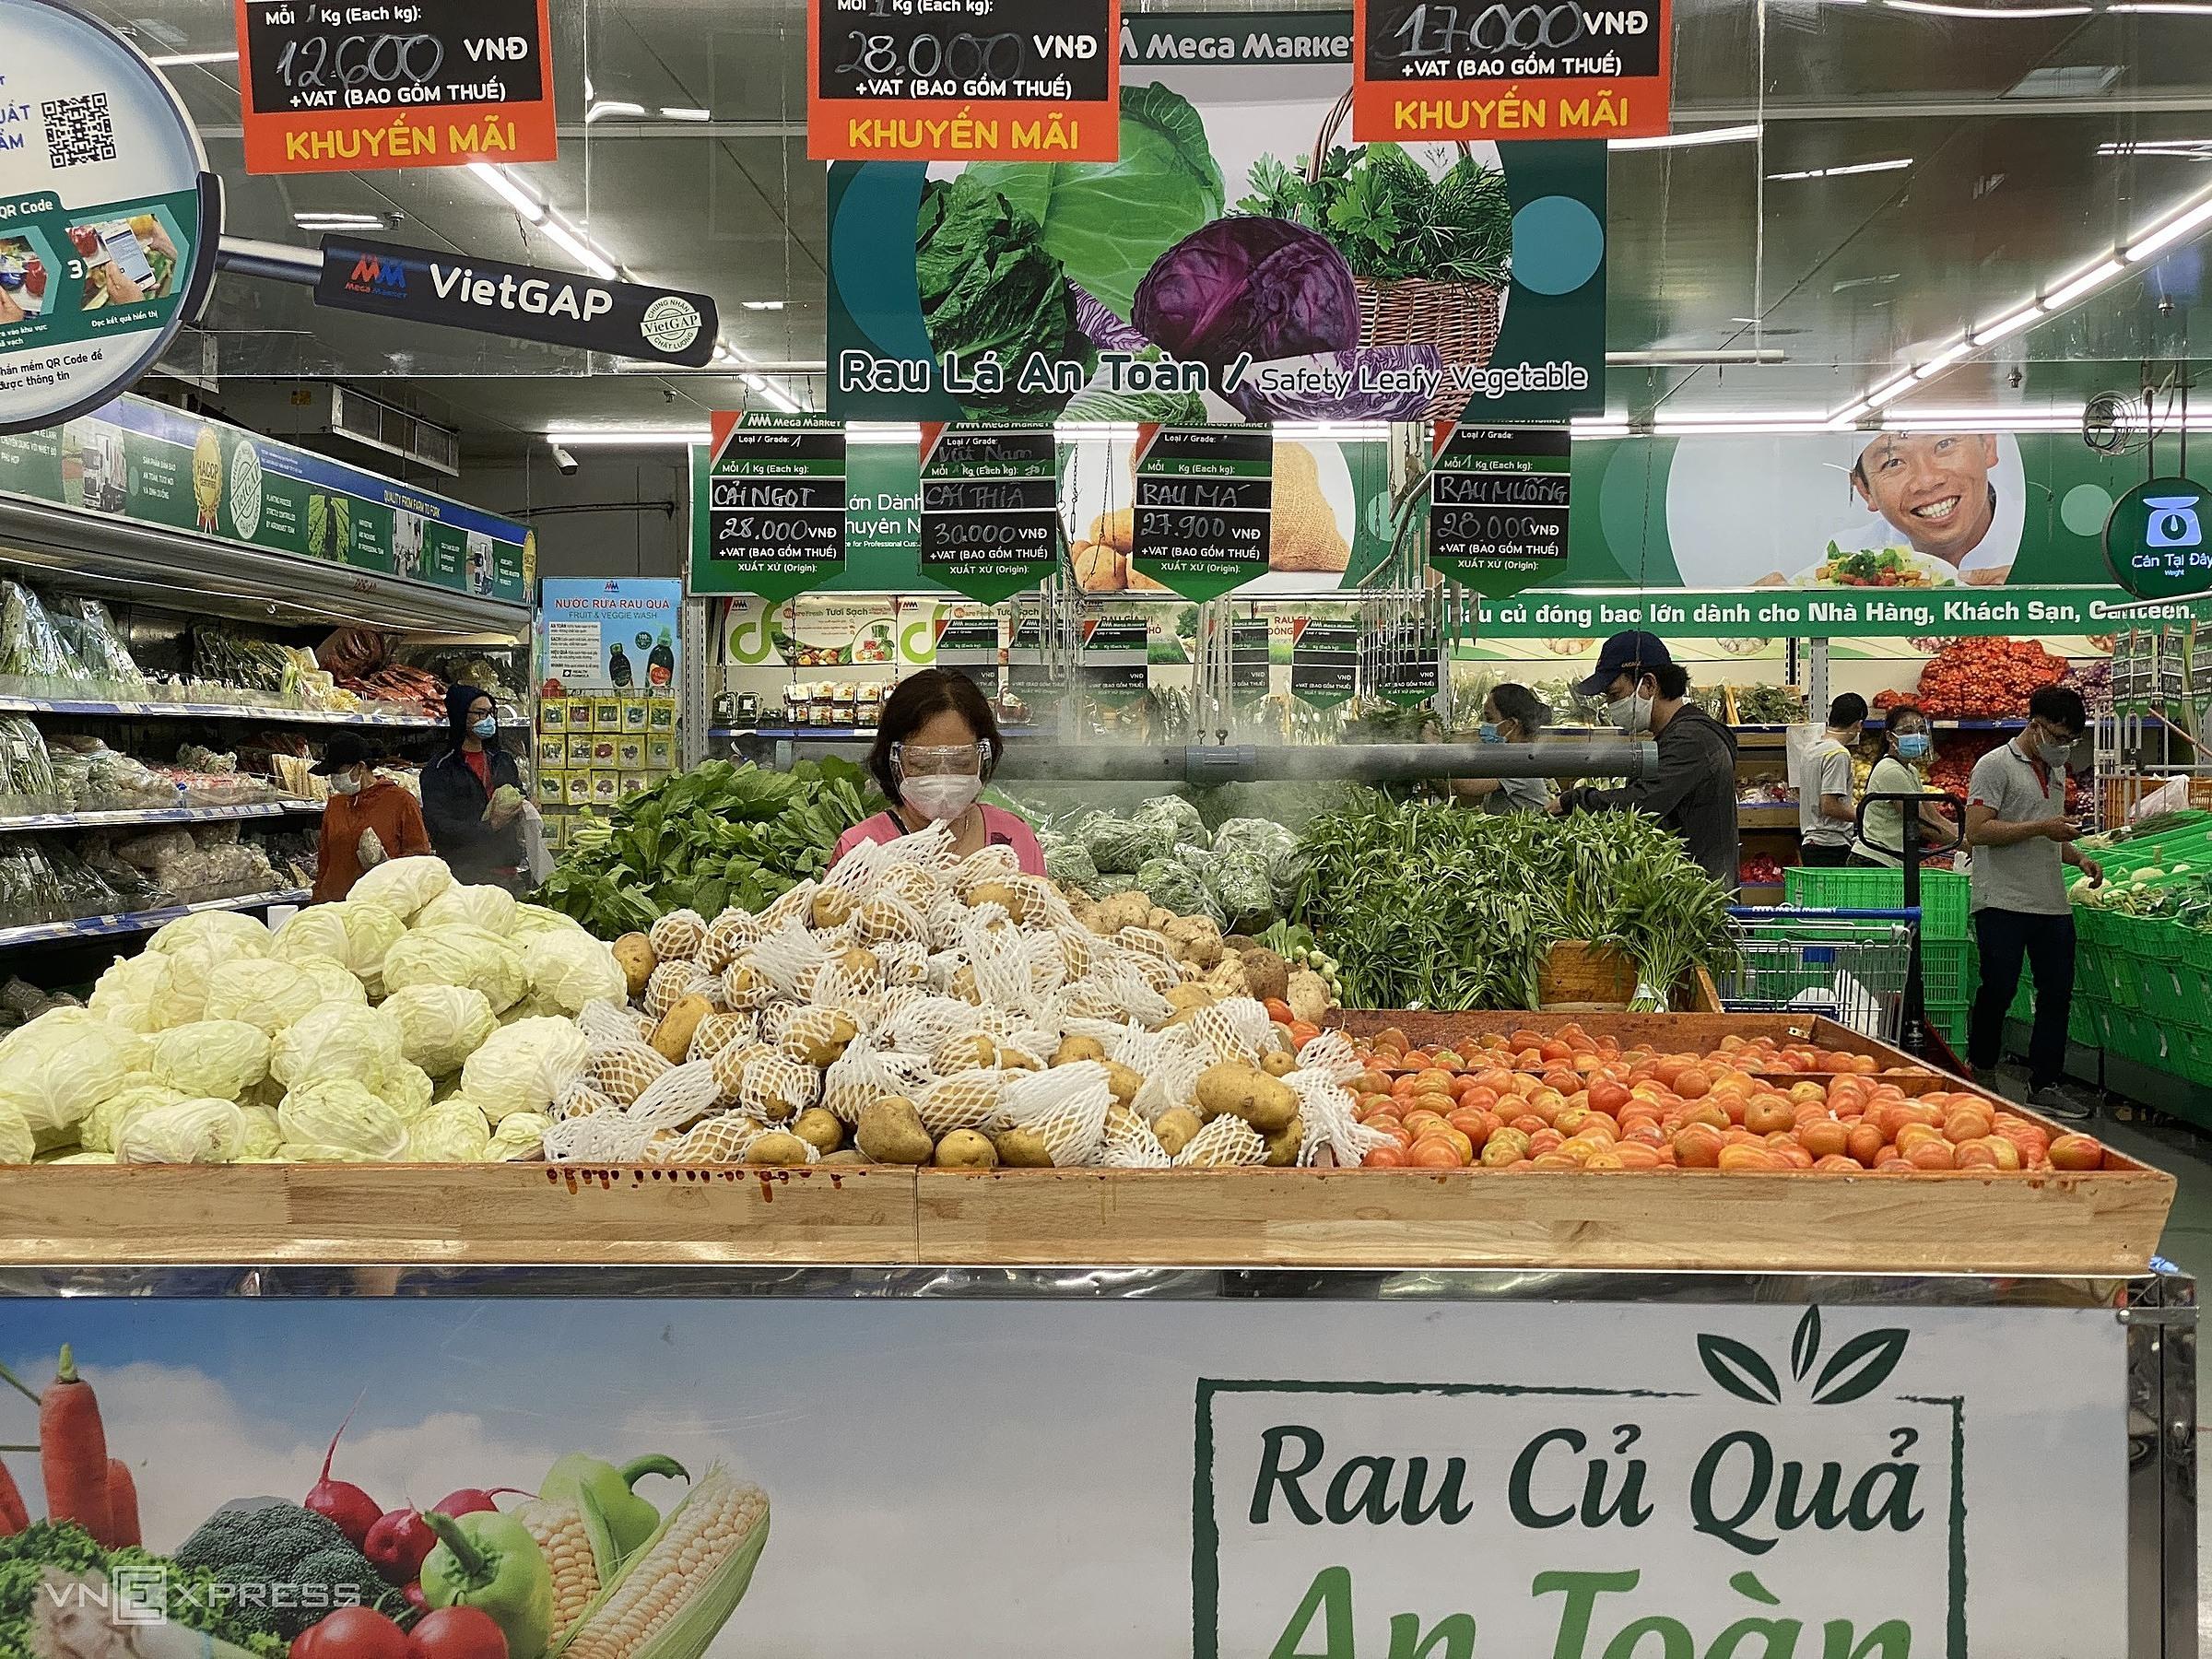 Người dân mua sắm tại quầy rau củ quả giảm giá bên trong một siêu thị tại phường An Phú (TP Thủ Đức). Ảnh: Tất Đạt